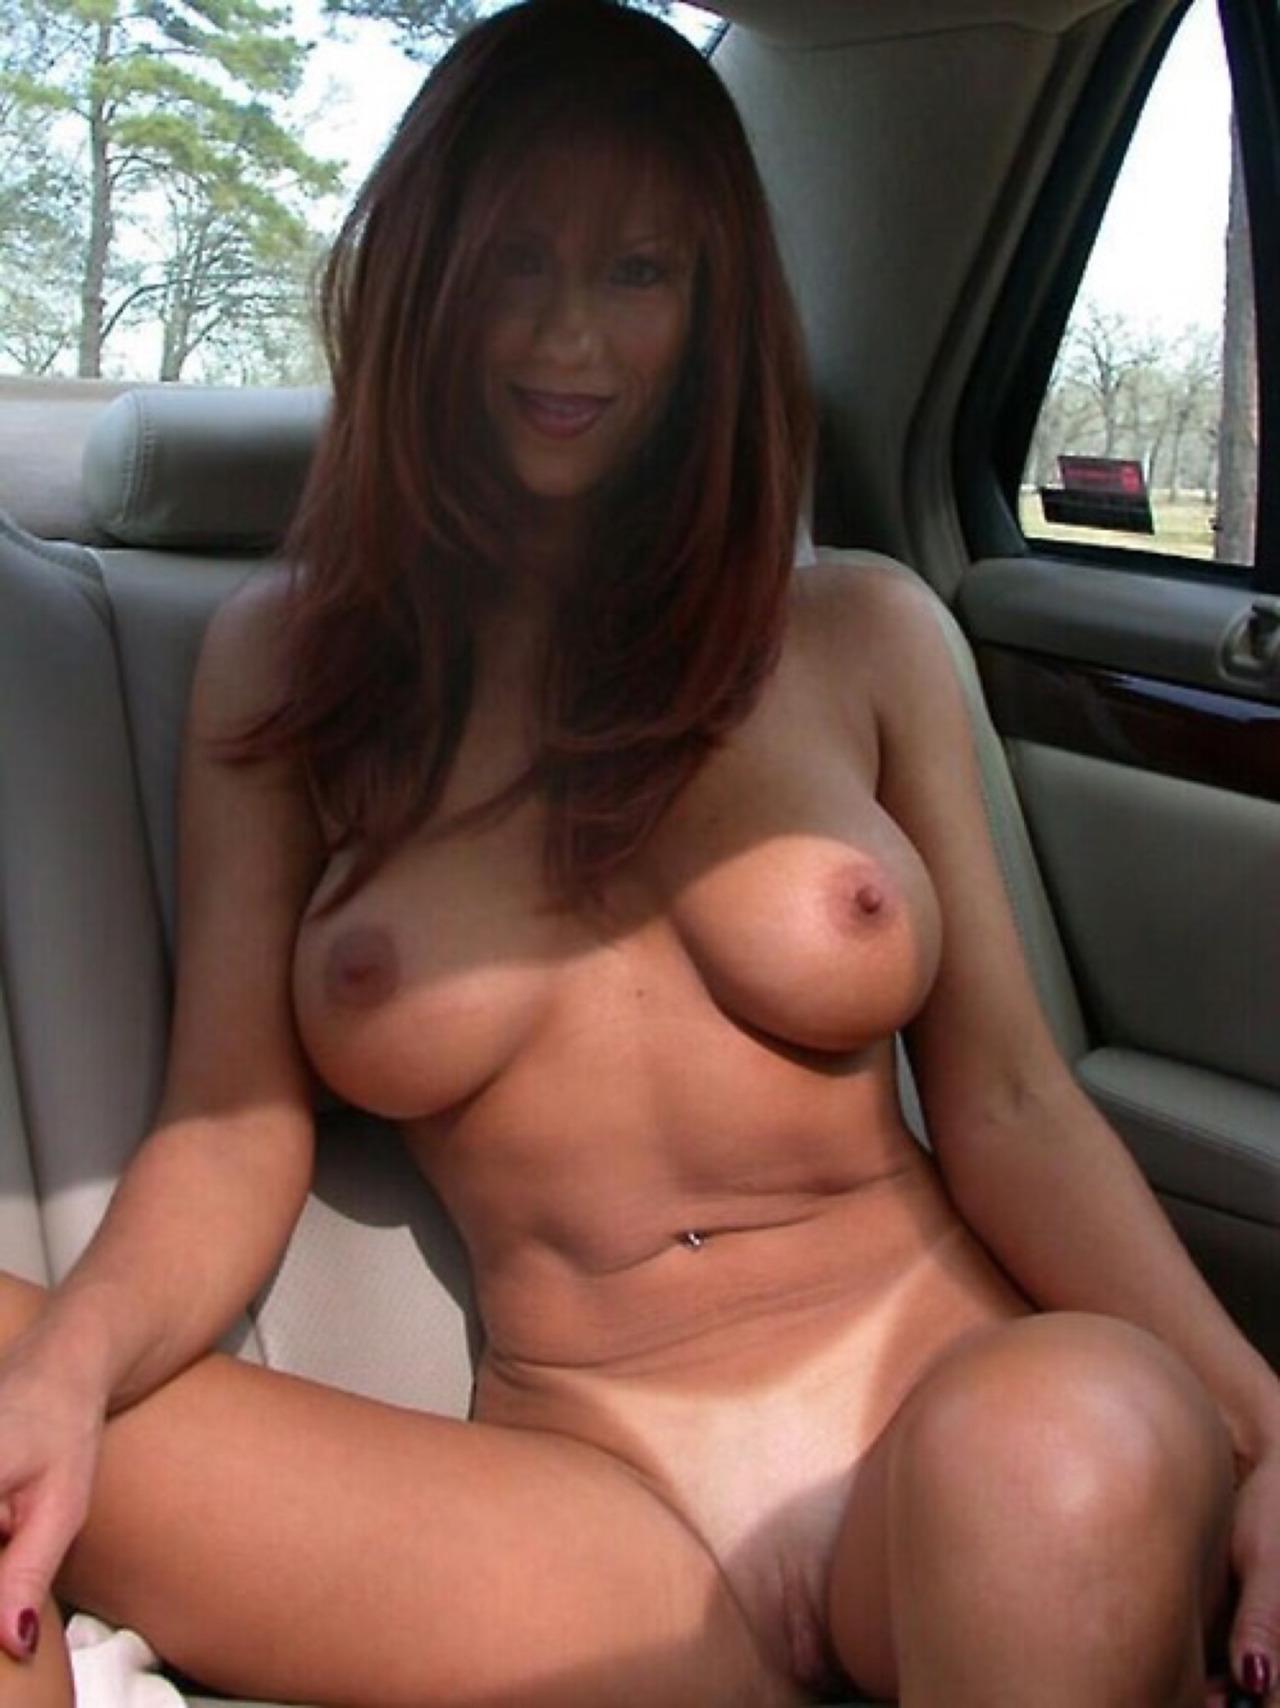 Рыжие дамочки голышом в домашних условиях 6 фото